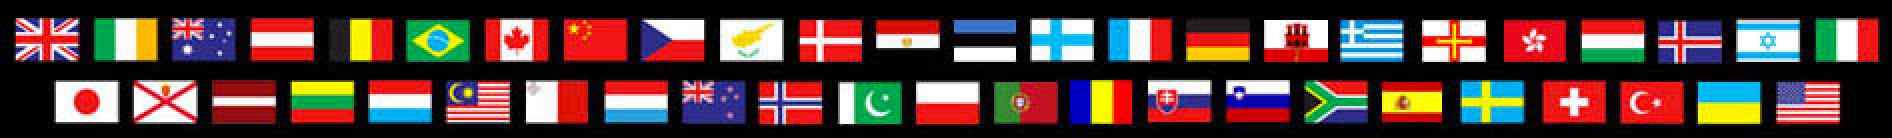 47 Countries Worldwide